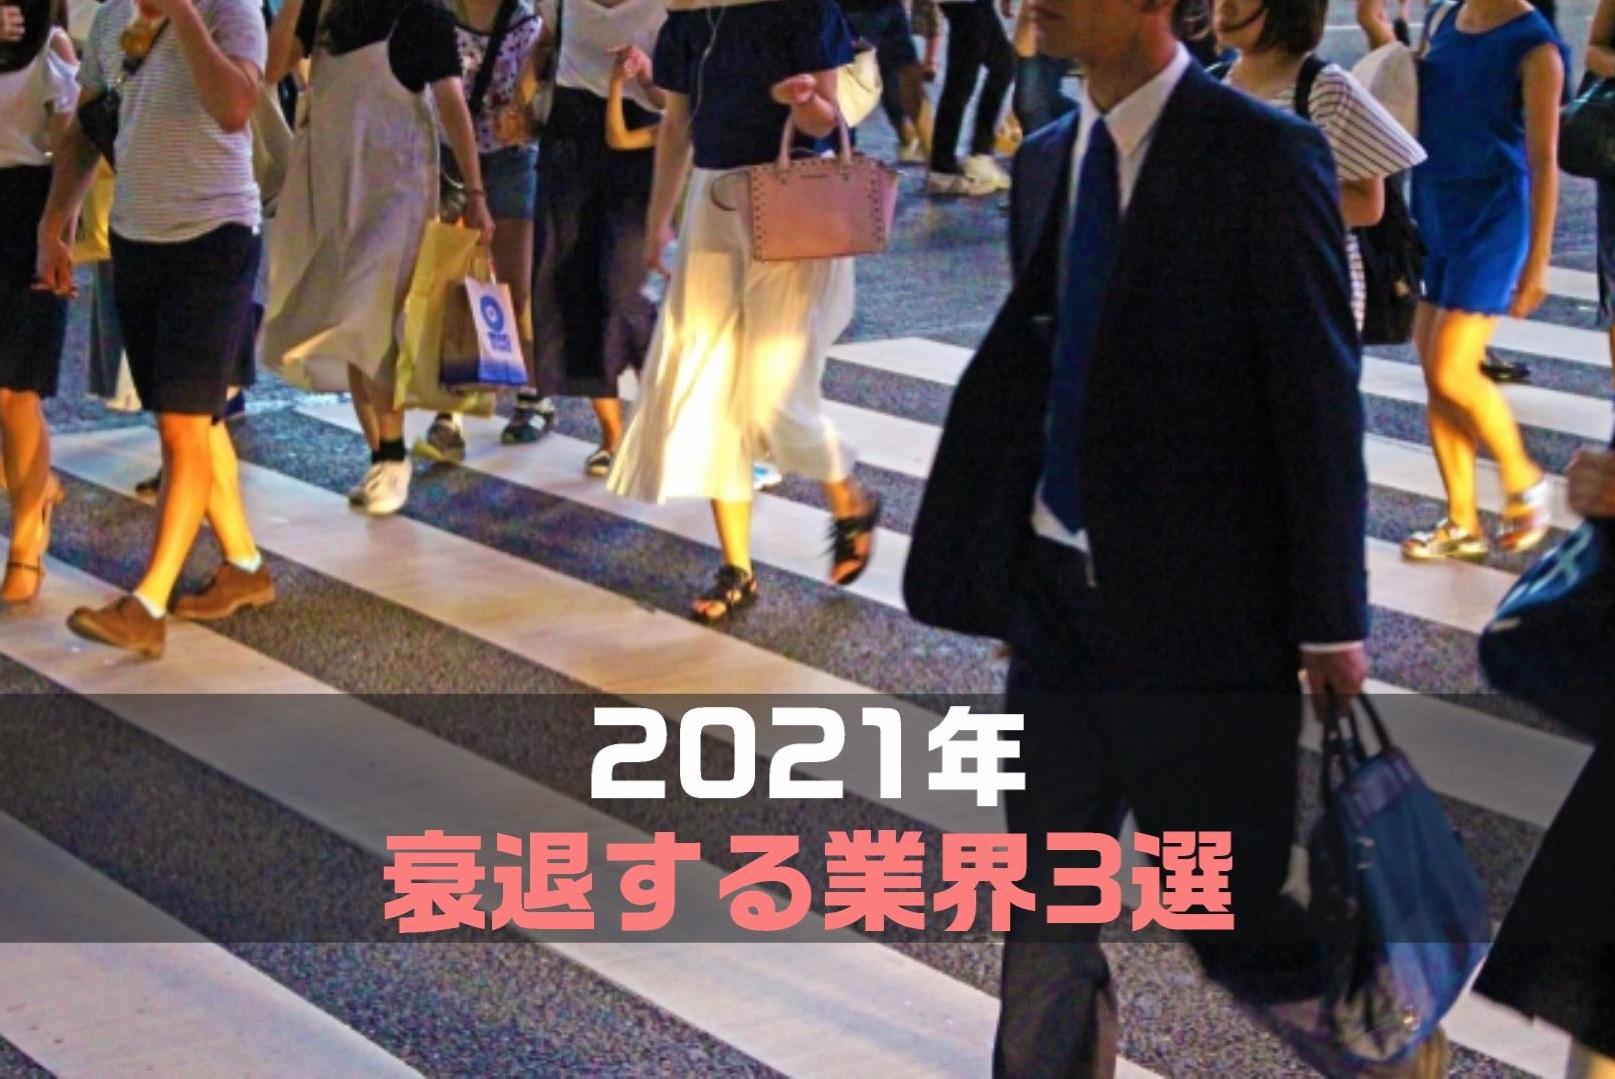 【2021年最新】これから衰退する業界|知らないと危ない業界